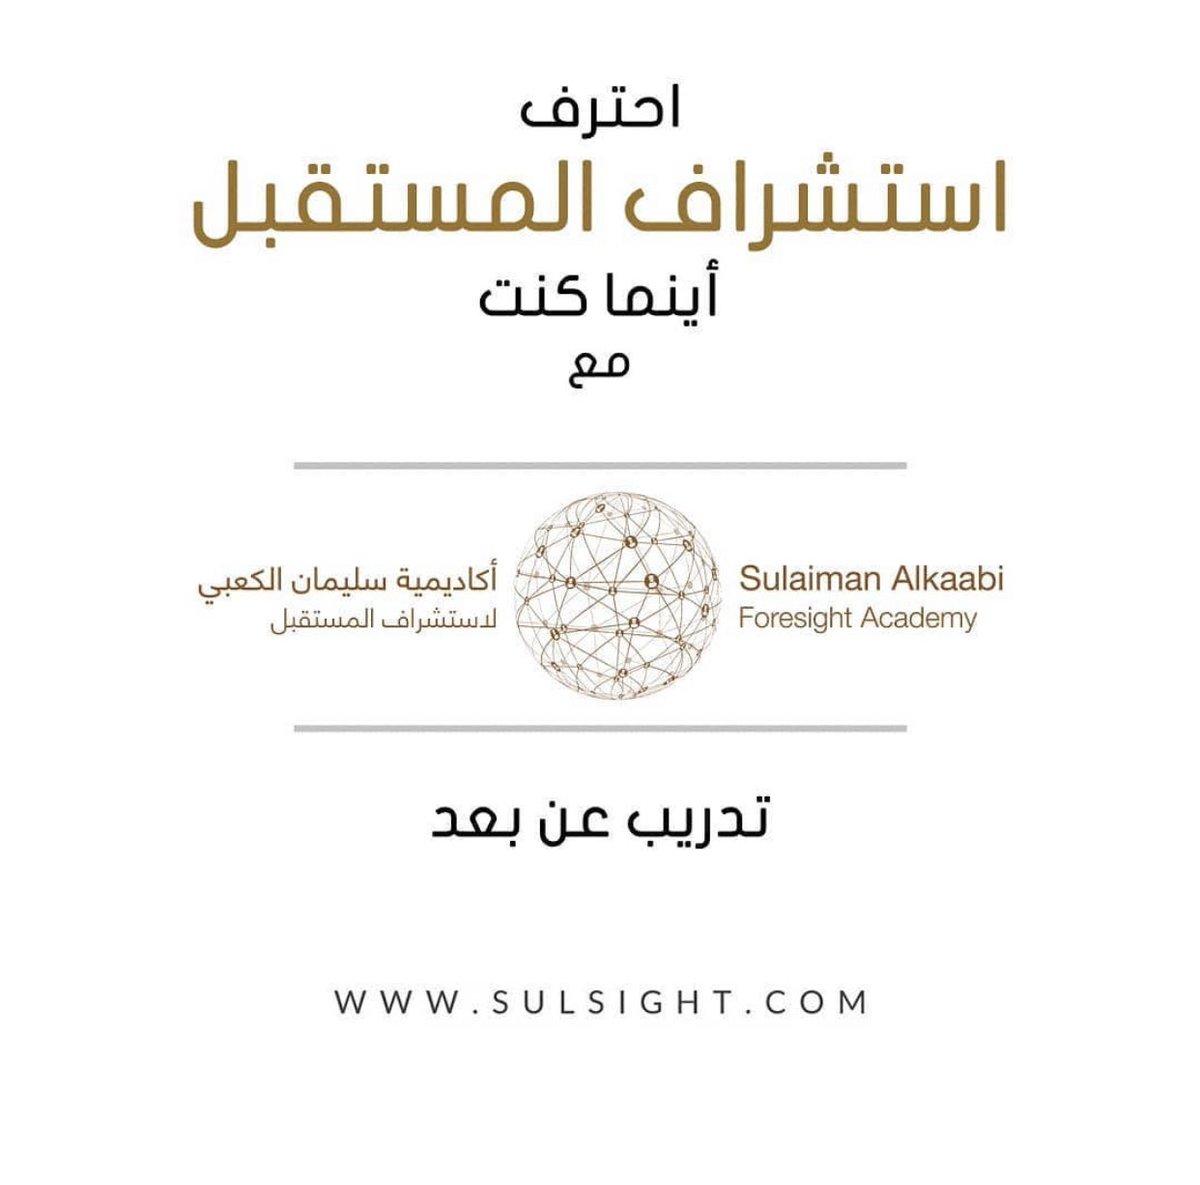 احترف استشراف المستقبل أينما كنت | أكاديمية سليمان الكعبي لاستشراف المستقبل